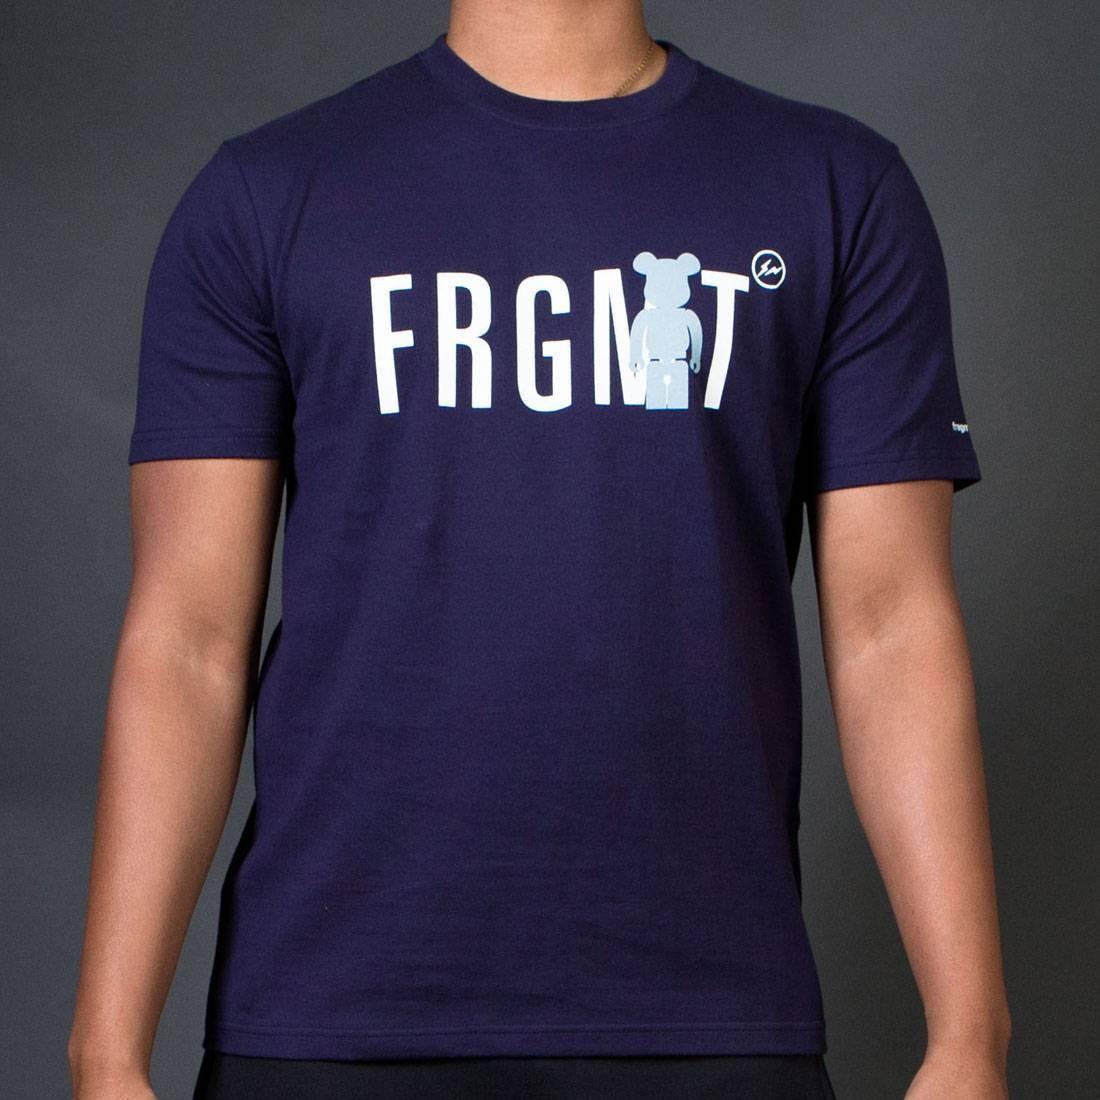 【スーパーセール中! 6/11深夜2時迄】Tシャツ Be@rtee メンズファッション トップス カットソー メンズ 【 Medicom X Fragment Design Men Be@rtee Frgmt Tee (navy) 】 Navy